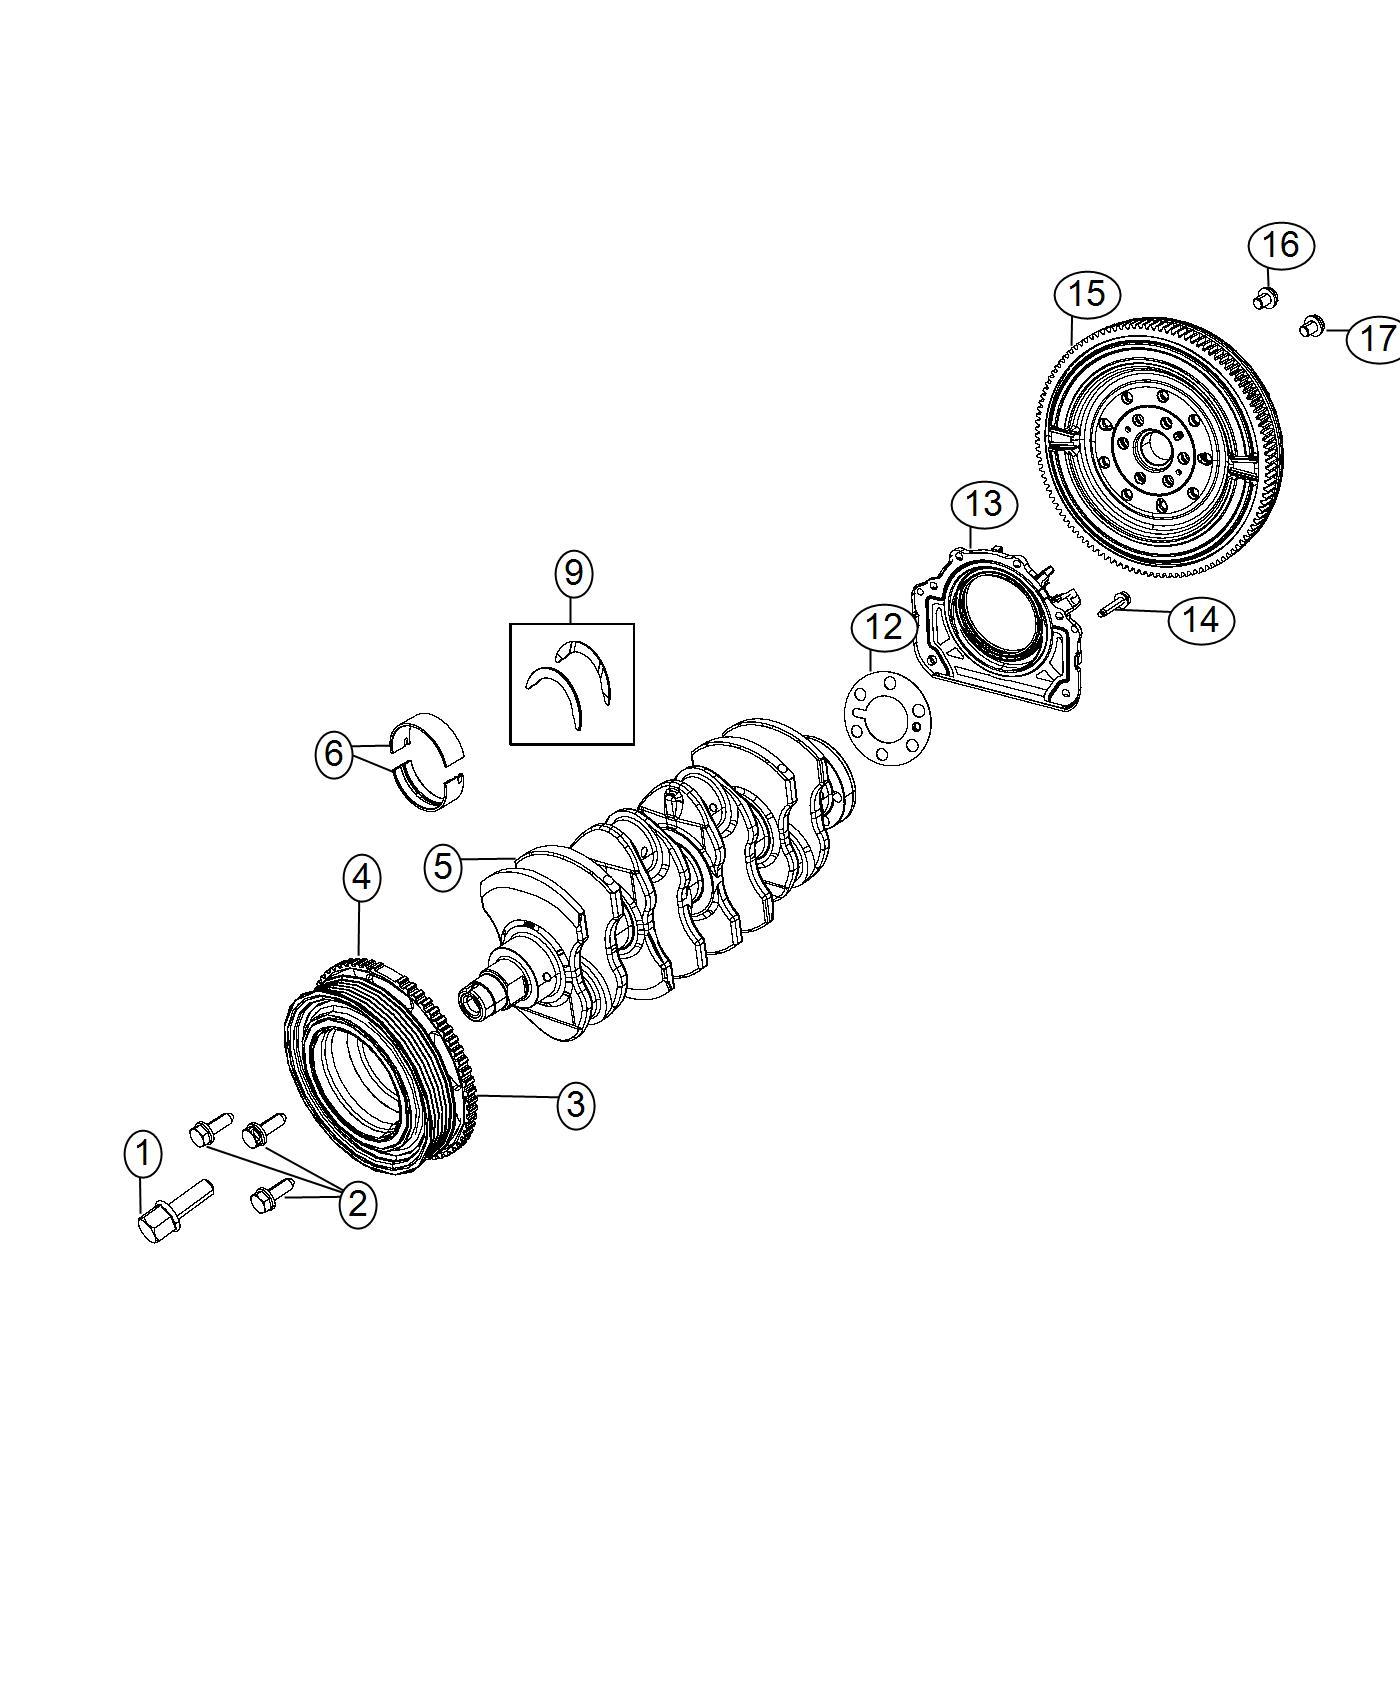 2016 Dodge Dart Damper. Crankshaft. Flywheel, bearings